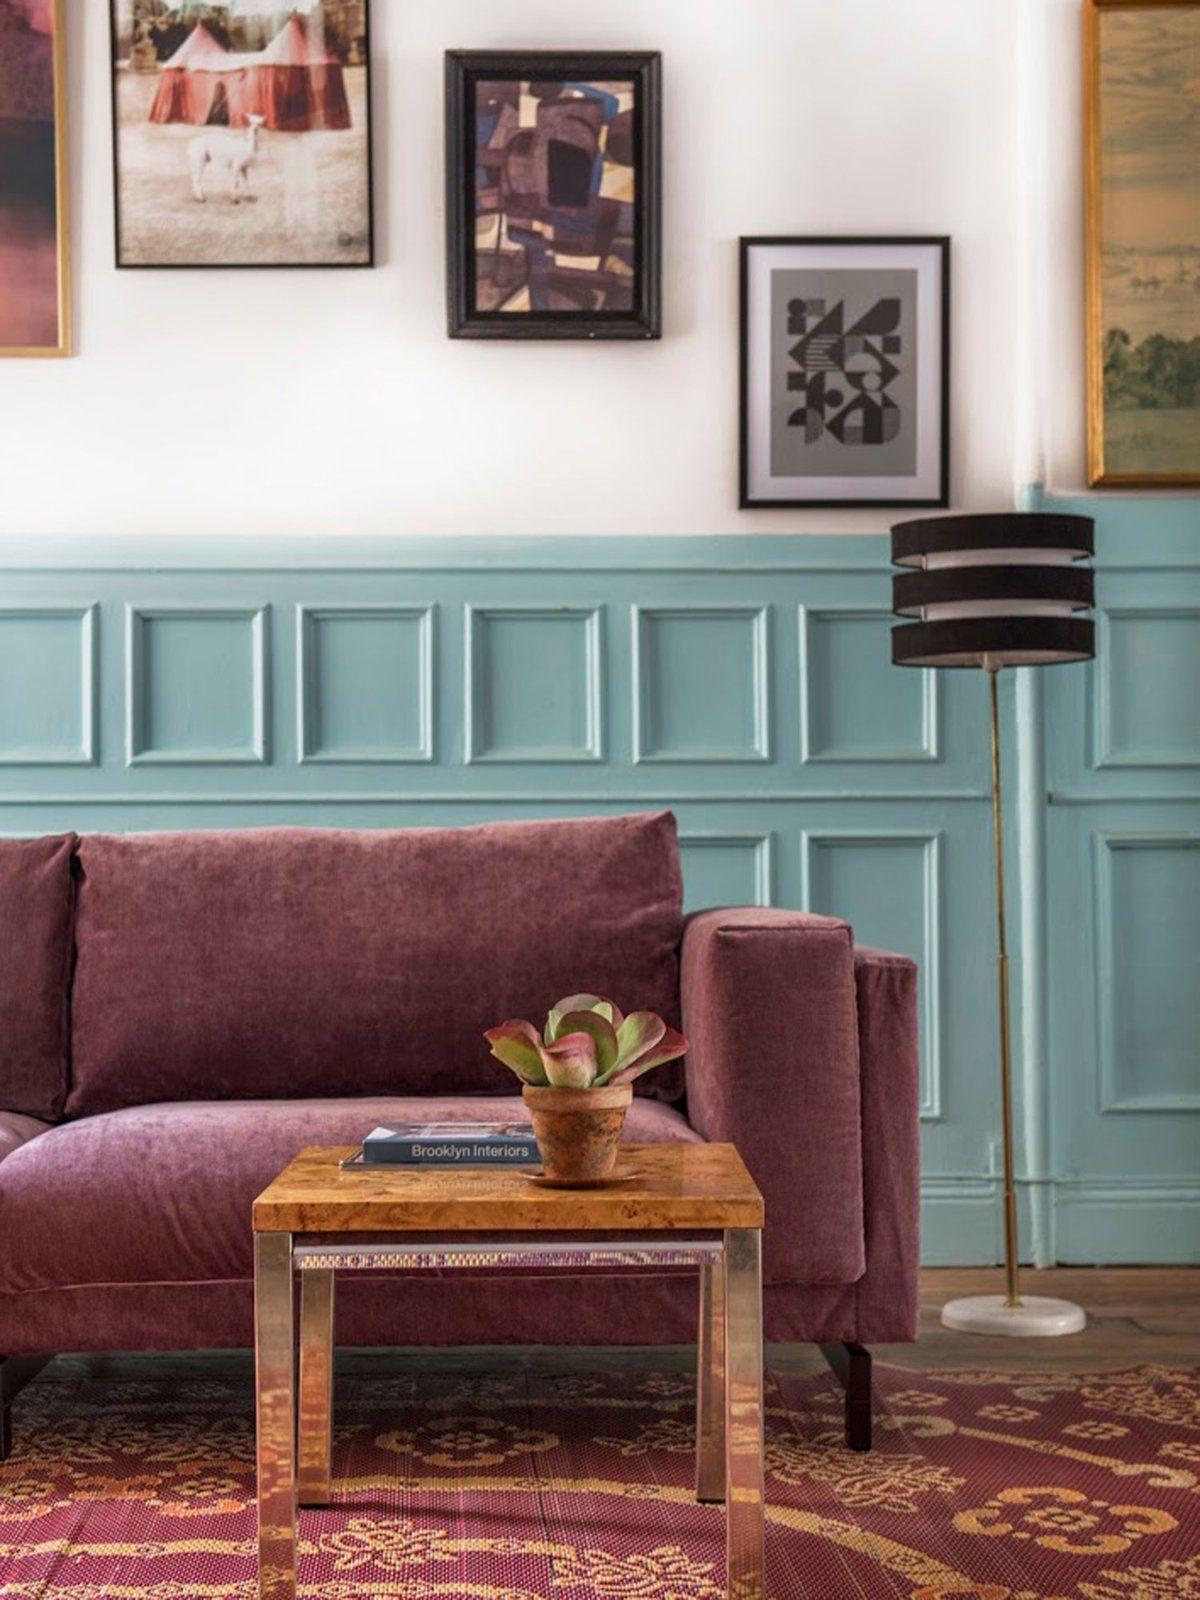 Neues Ikea Sofa Stinkt Sofa Makeover Mit Bemz Frollein Herr